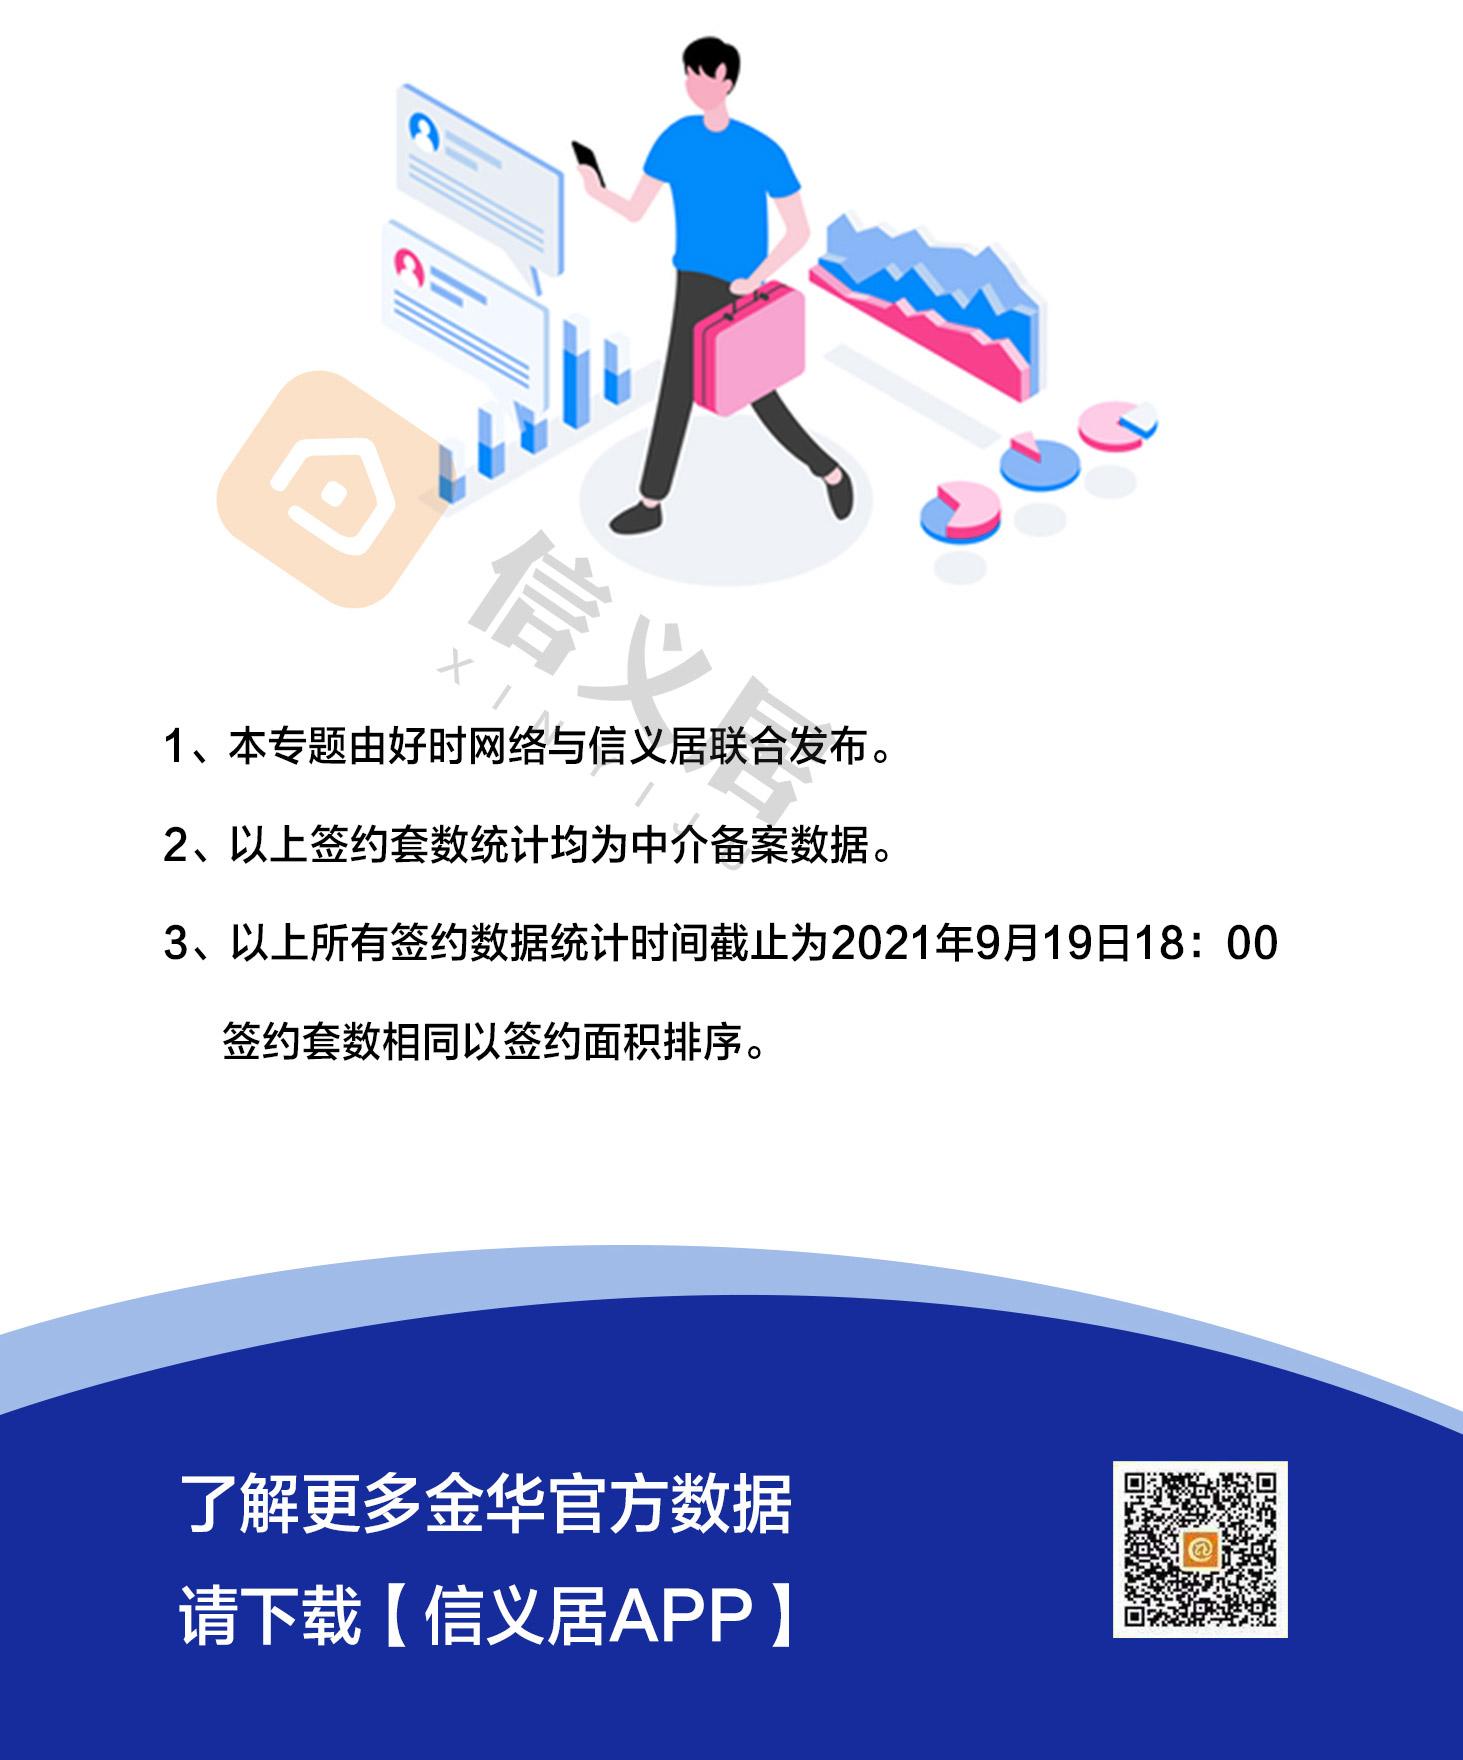 周报03_08.jpg